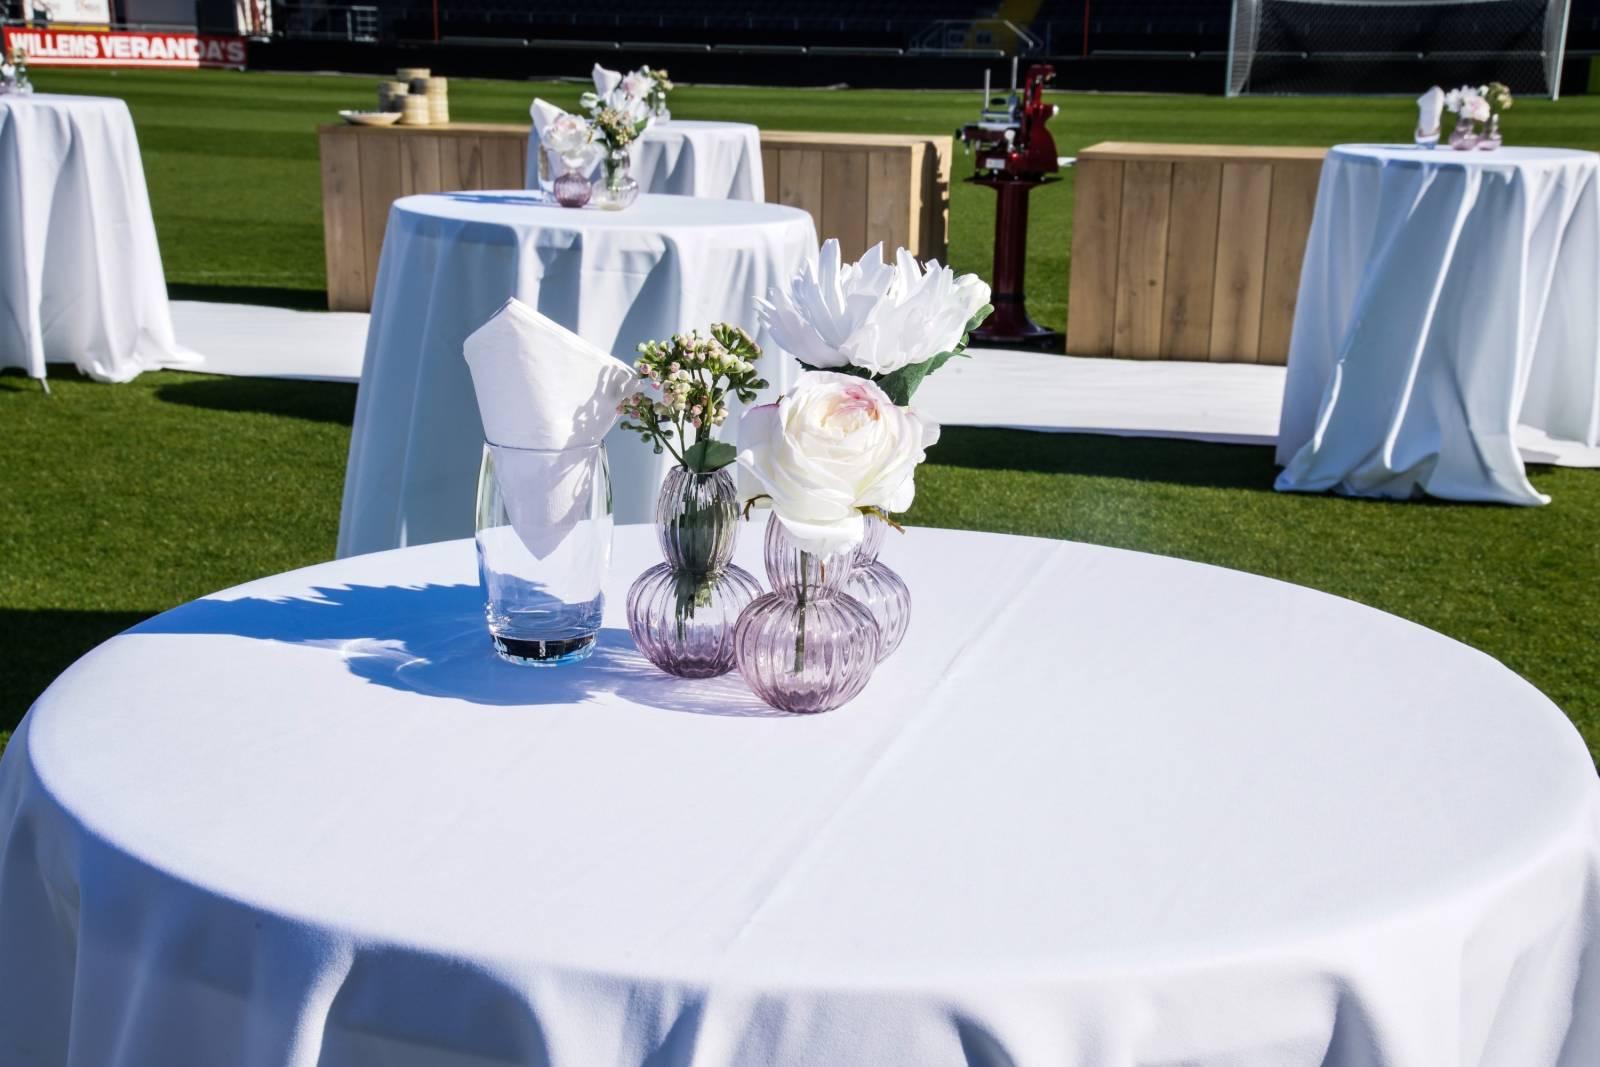 House of Weddings Versluys Arena KVO feestzaal dansfeest huwelijk west-vlaanderen 400 personen (5) (Custom)